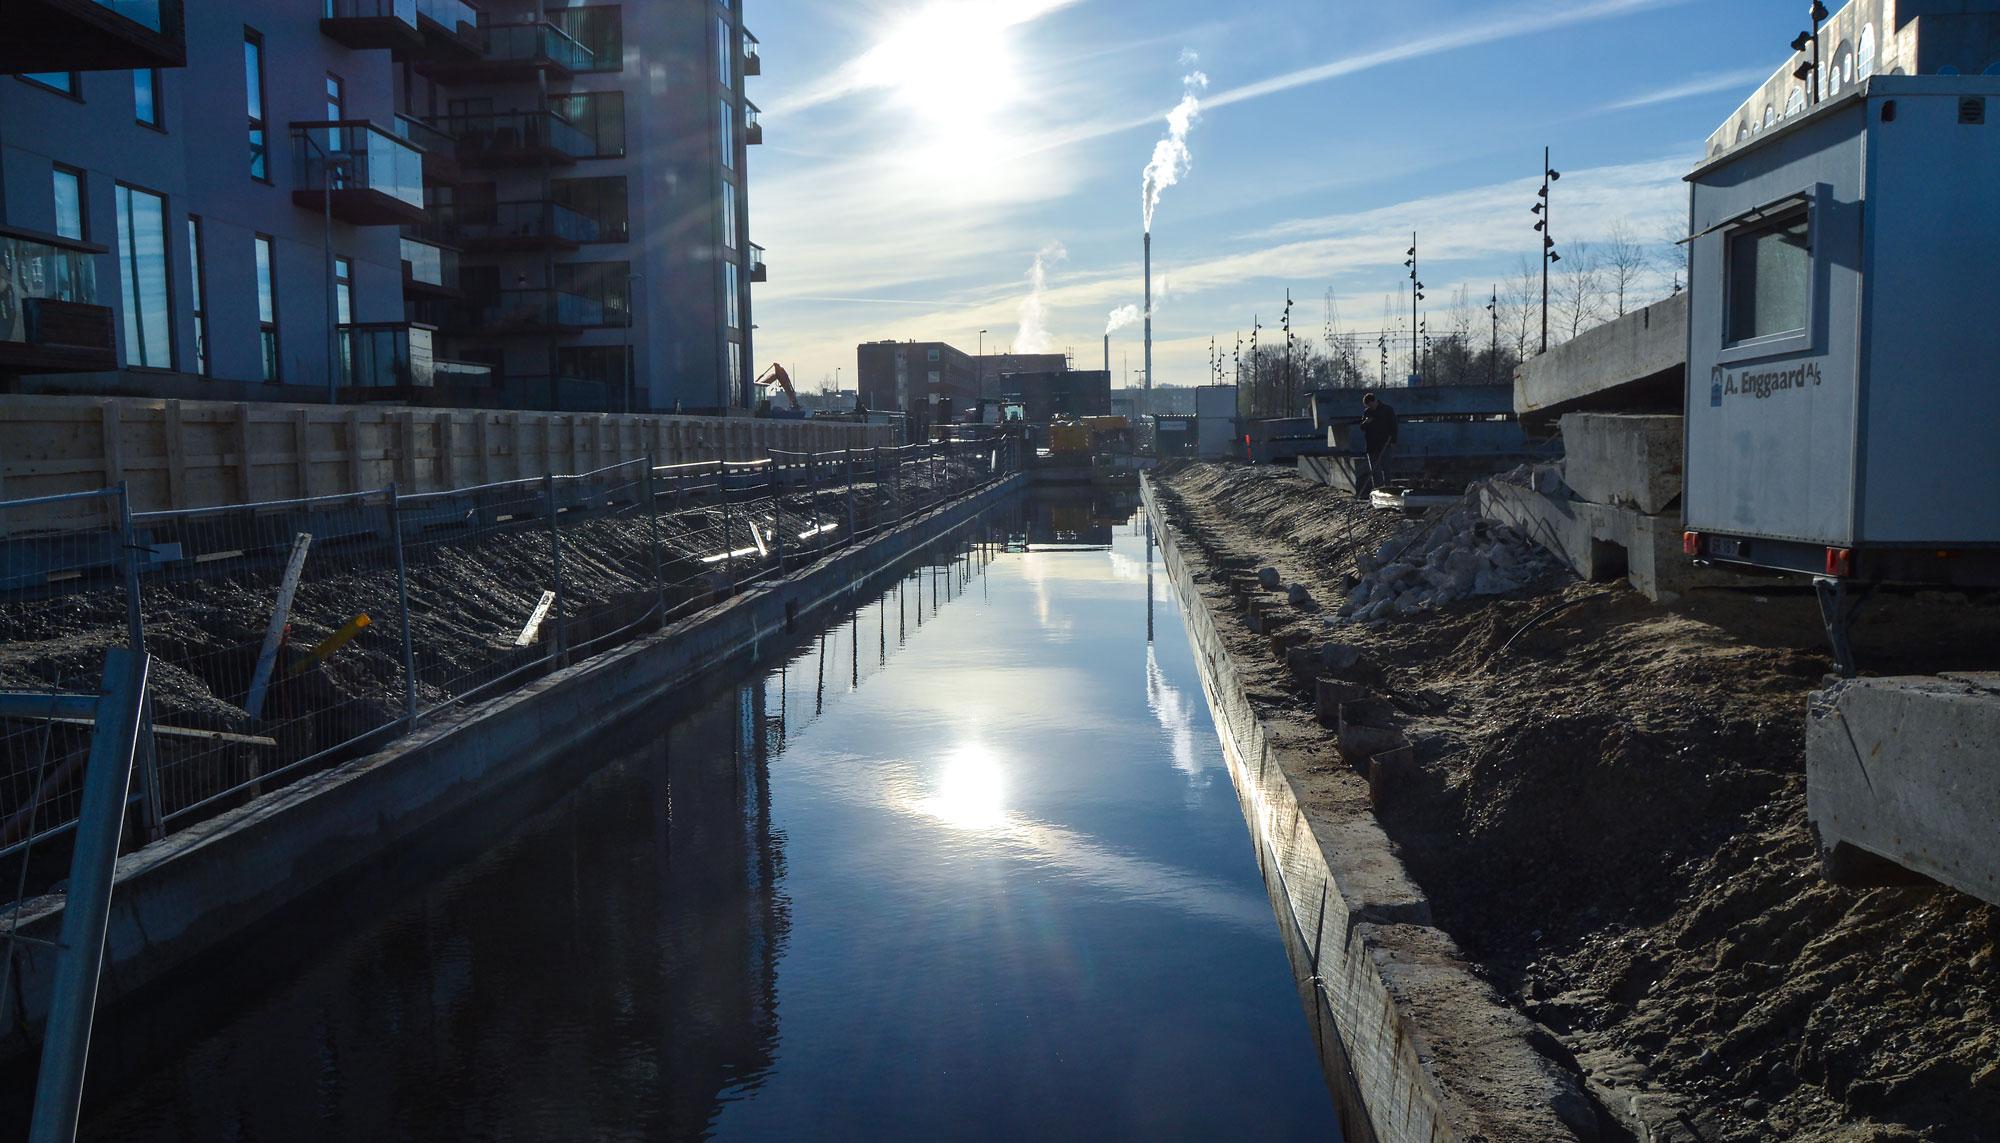 En helt ny park: Nu skal Østerå-kanalen åbnes i Karolinelund